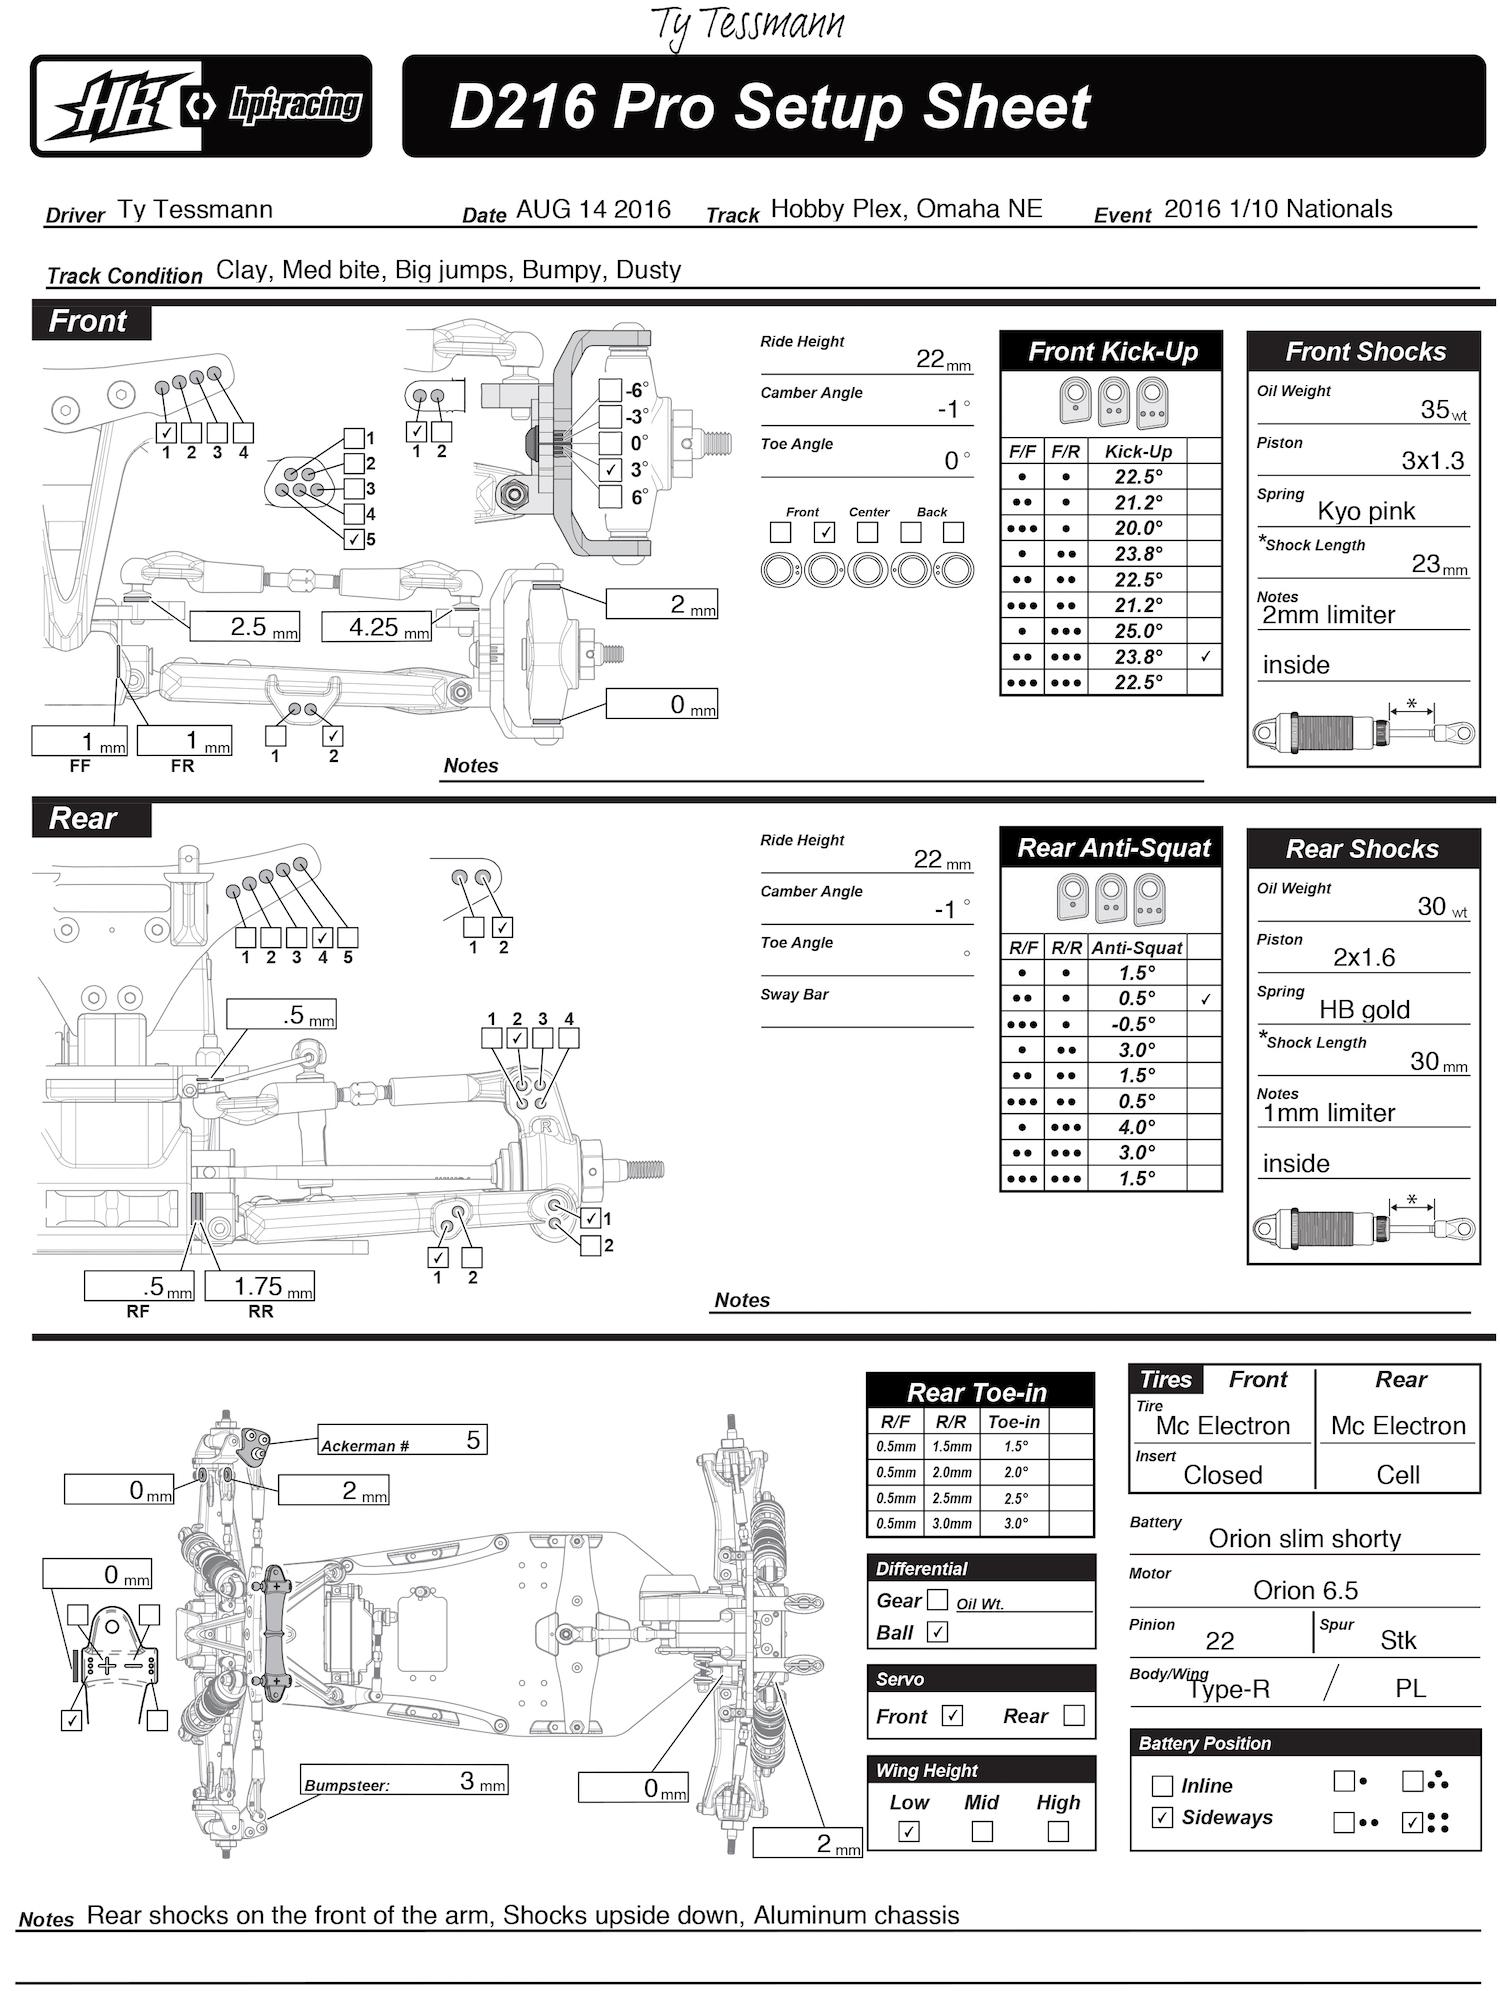 HB Racing News :: HB Racing D413 & D216 Setup Sheets: 2016